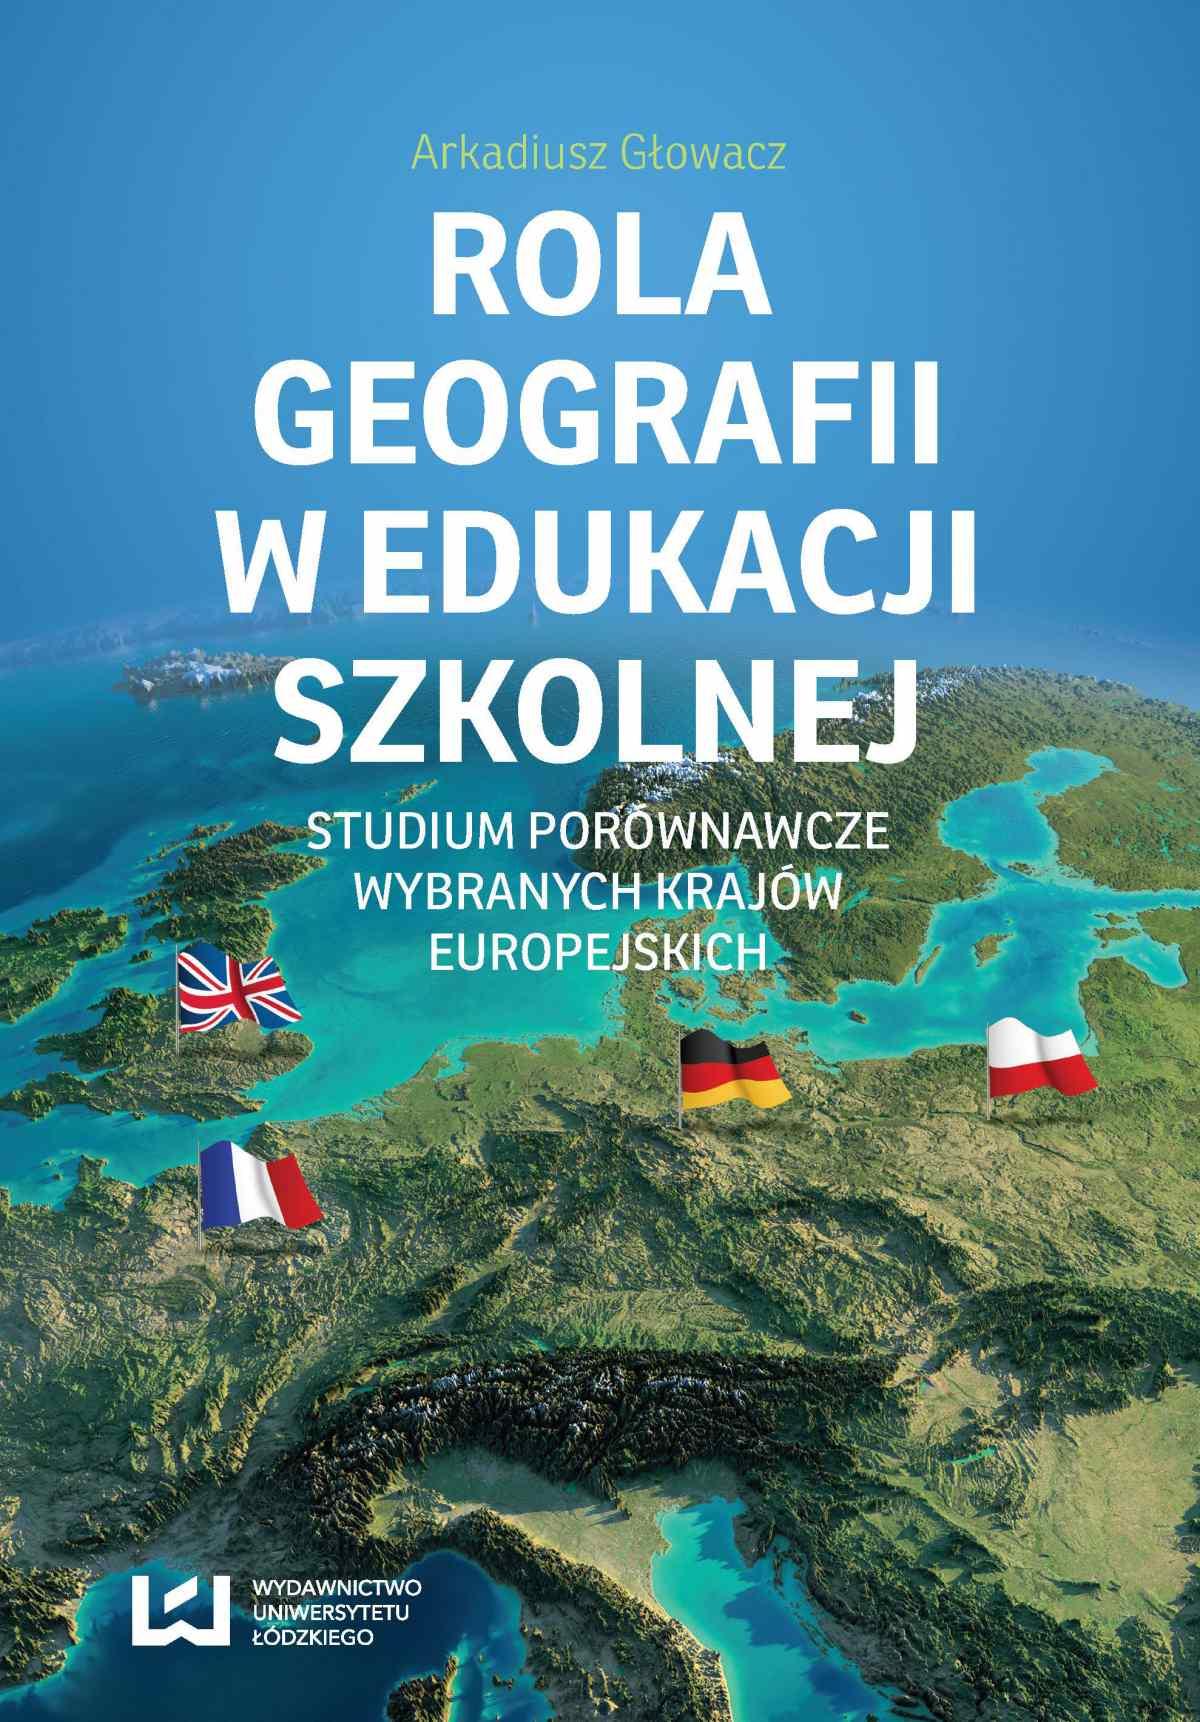 Rola geografii w edukacji szkolnej. Studium porównawcze wybranych krajów europejskich - Ebook (Książka PDF) do pobrania w formacie PDF